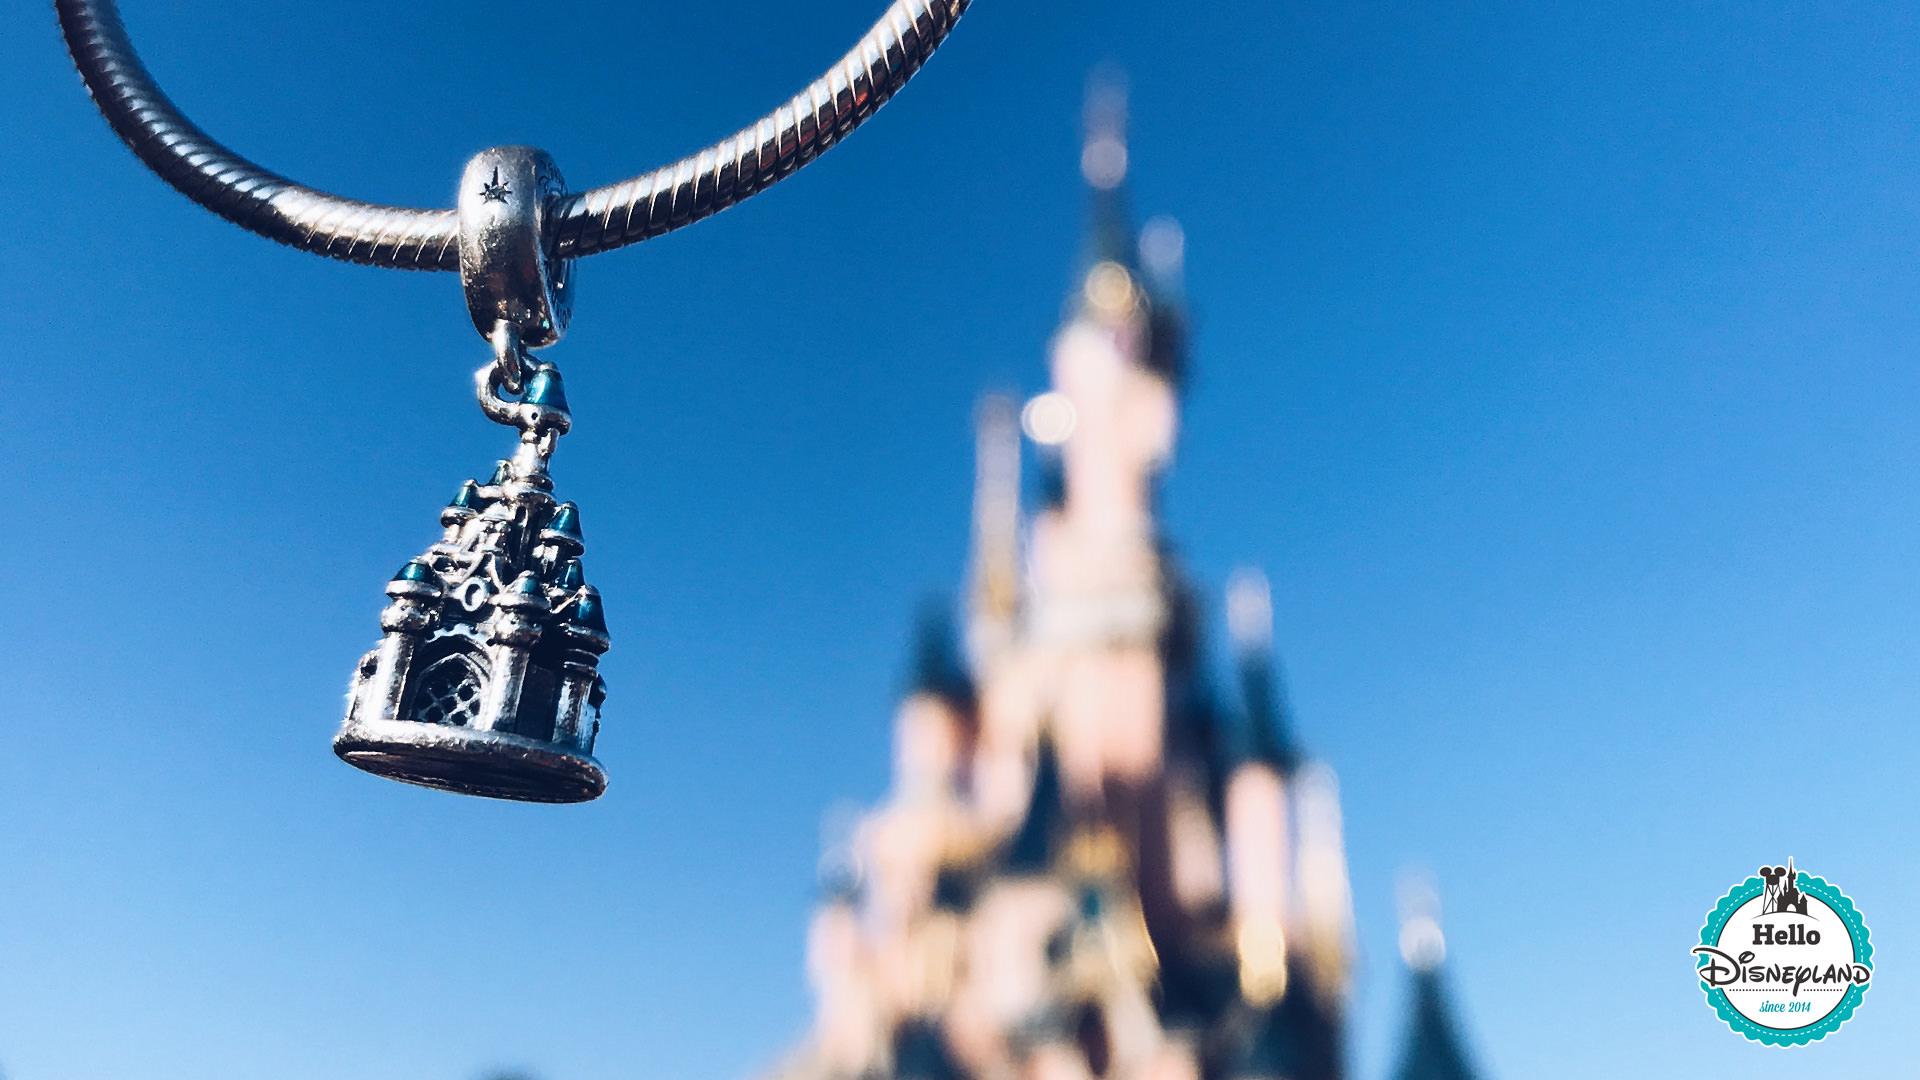 Où acheter produits Pandora à Disneyland Paris ? - Hello Disneyland